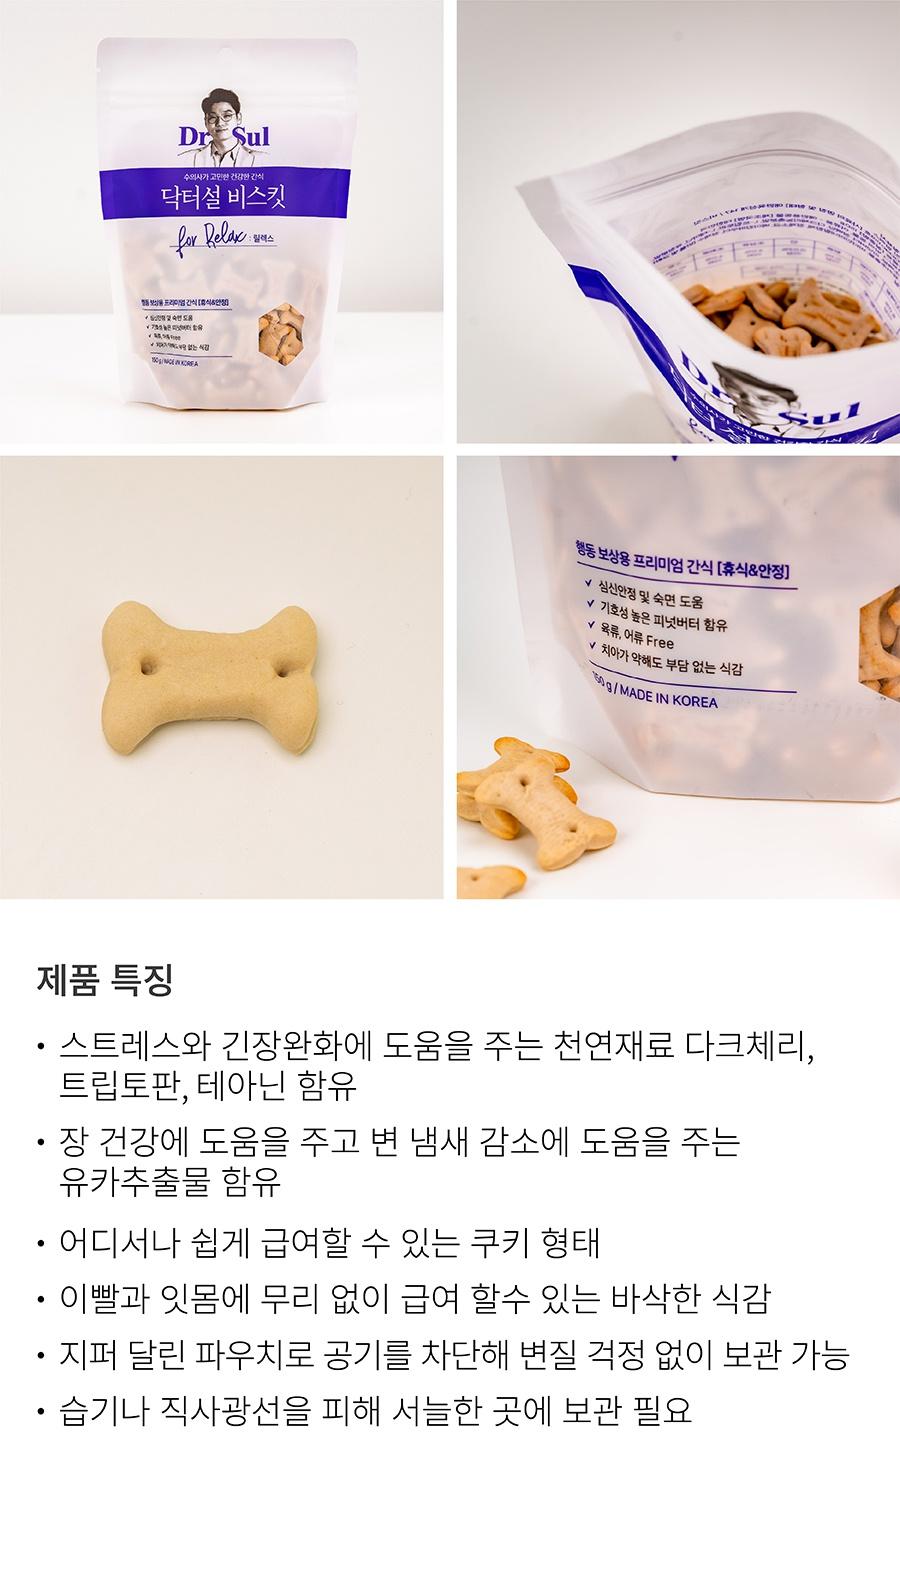 [오구오구특가]닥터설 비스킷 릴렉스-상품이미지-6